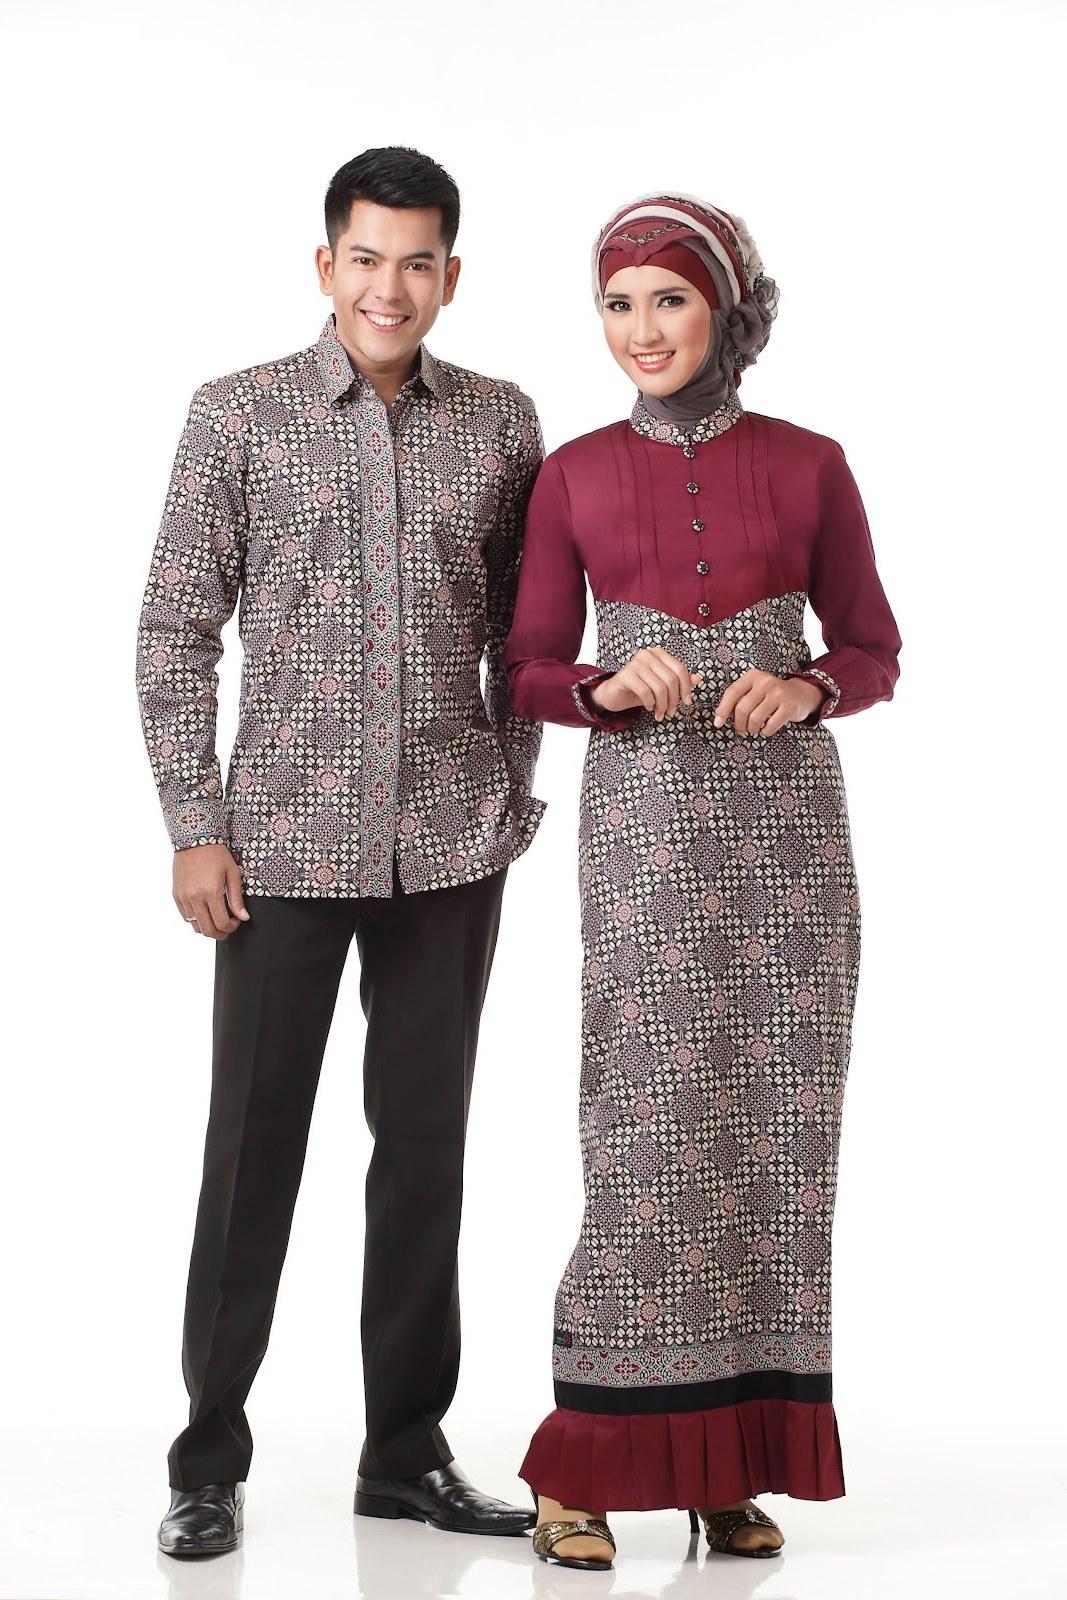 Inspirasi Baju Lebaran Batik Fmdf Kumpulan Model Baju Batik Lebaran 2013 Terbaru Terpercaya